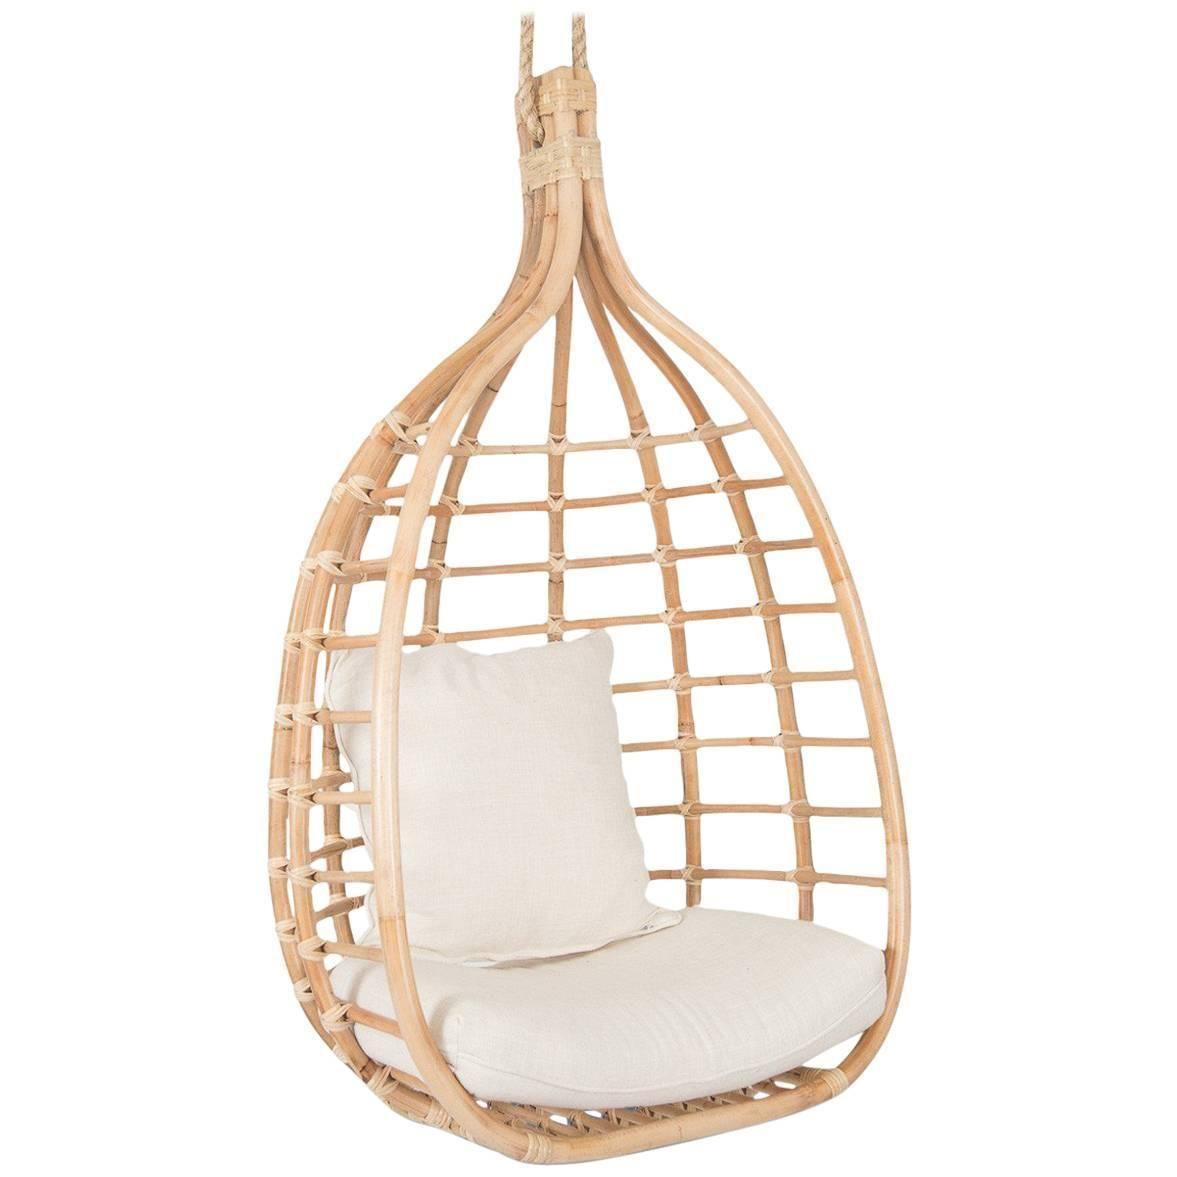 Santorini Natural Rattan Hanging Chair In 2019 My